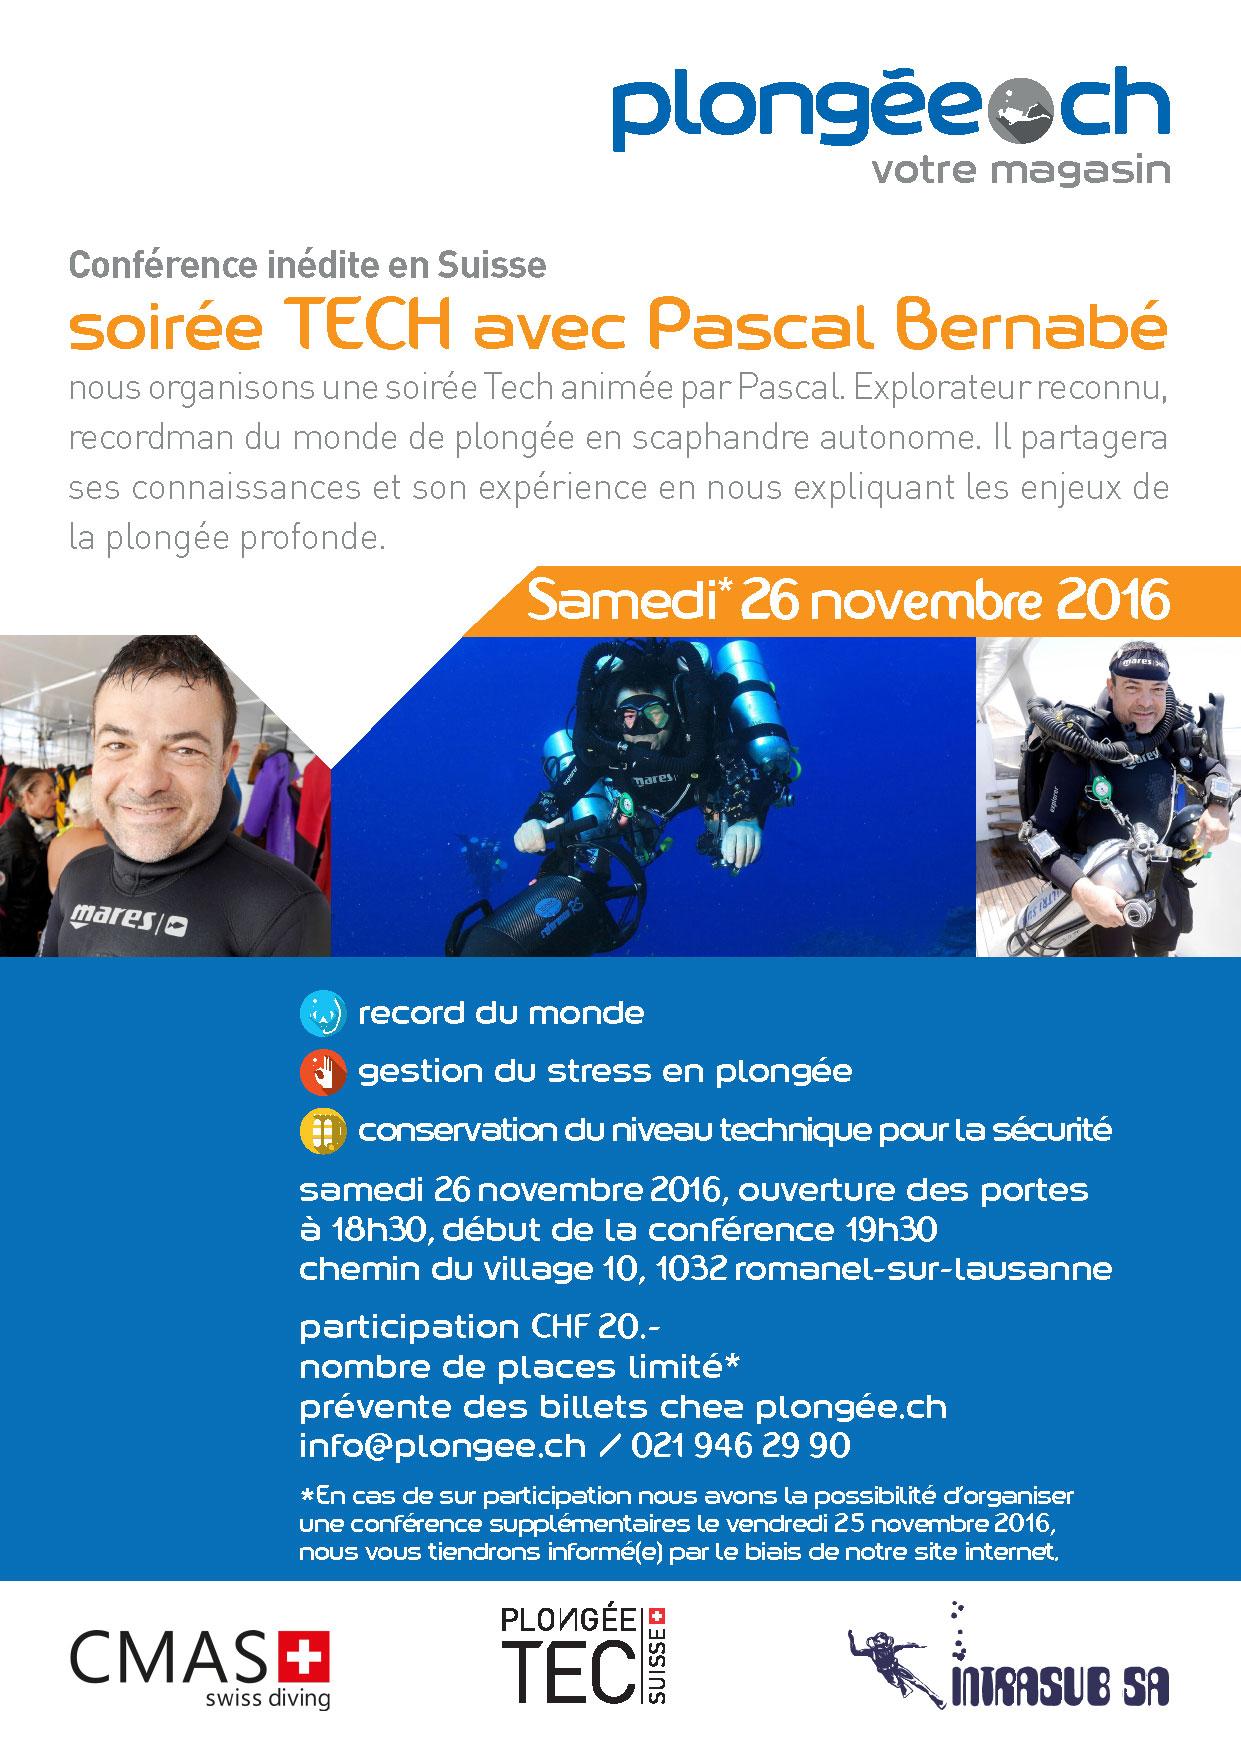 Pascal Bernabé En Suisse, Les Enjeux De La Plongée Profonde